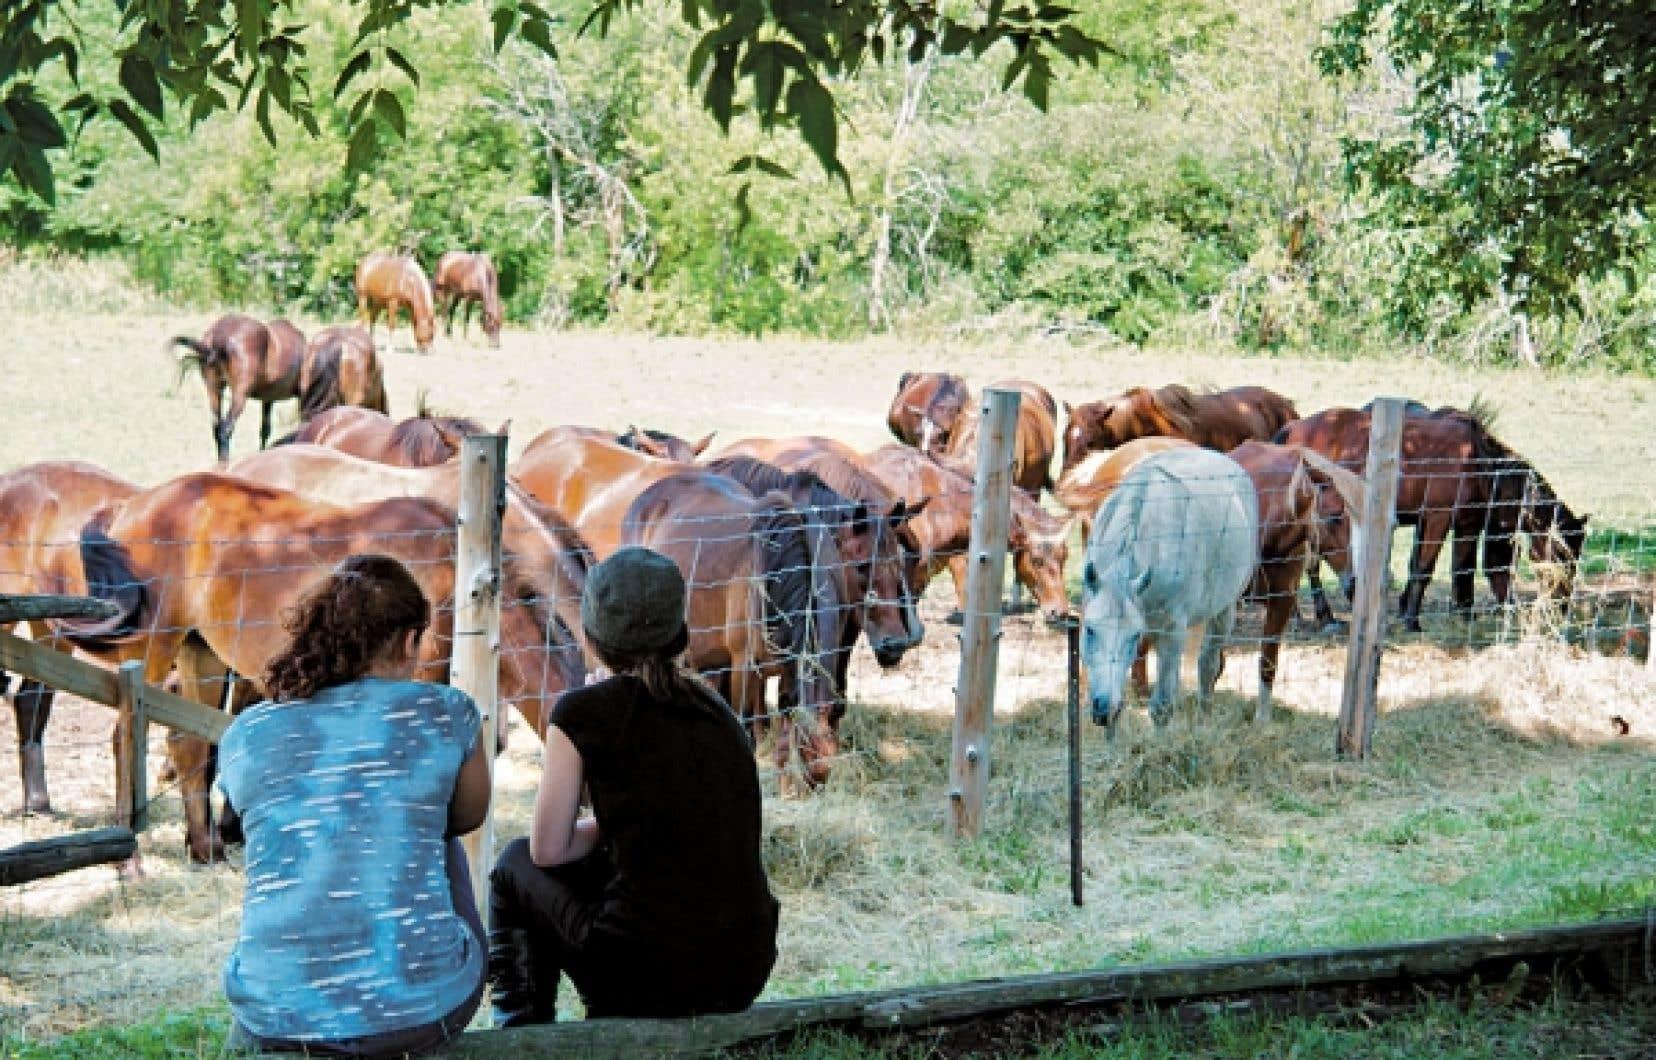 Traite de vaches ou écossage de petits pois? Sans horaire, que celui de ses envies, ce sera plutôt la pause rêveries équestres et confidences.